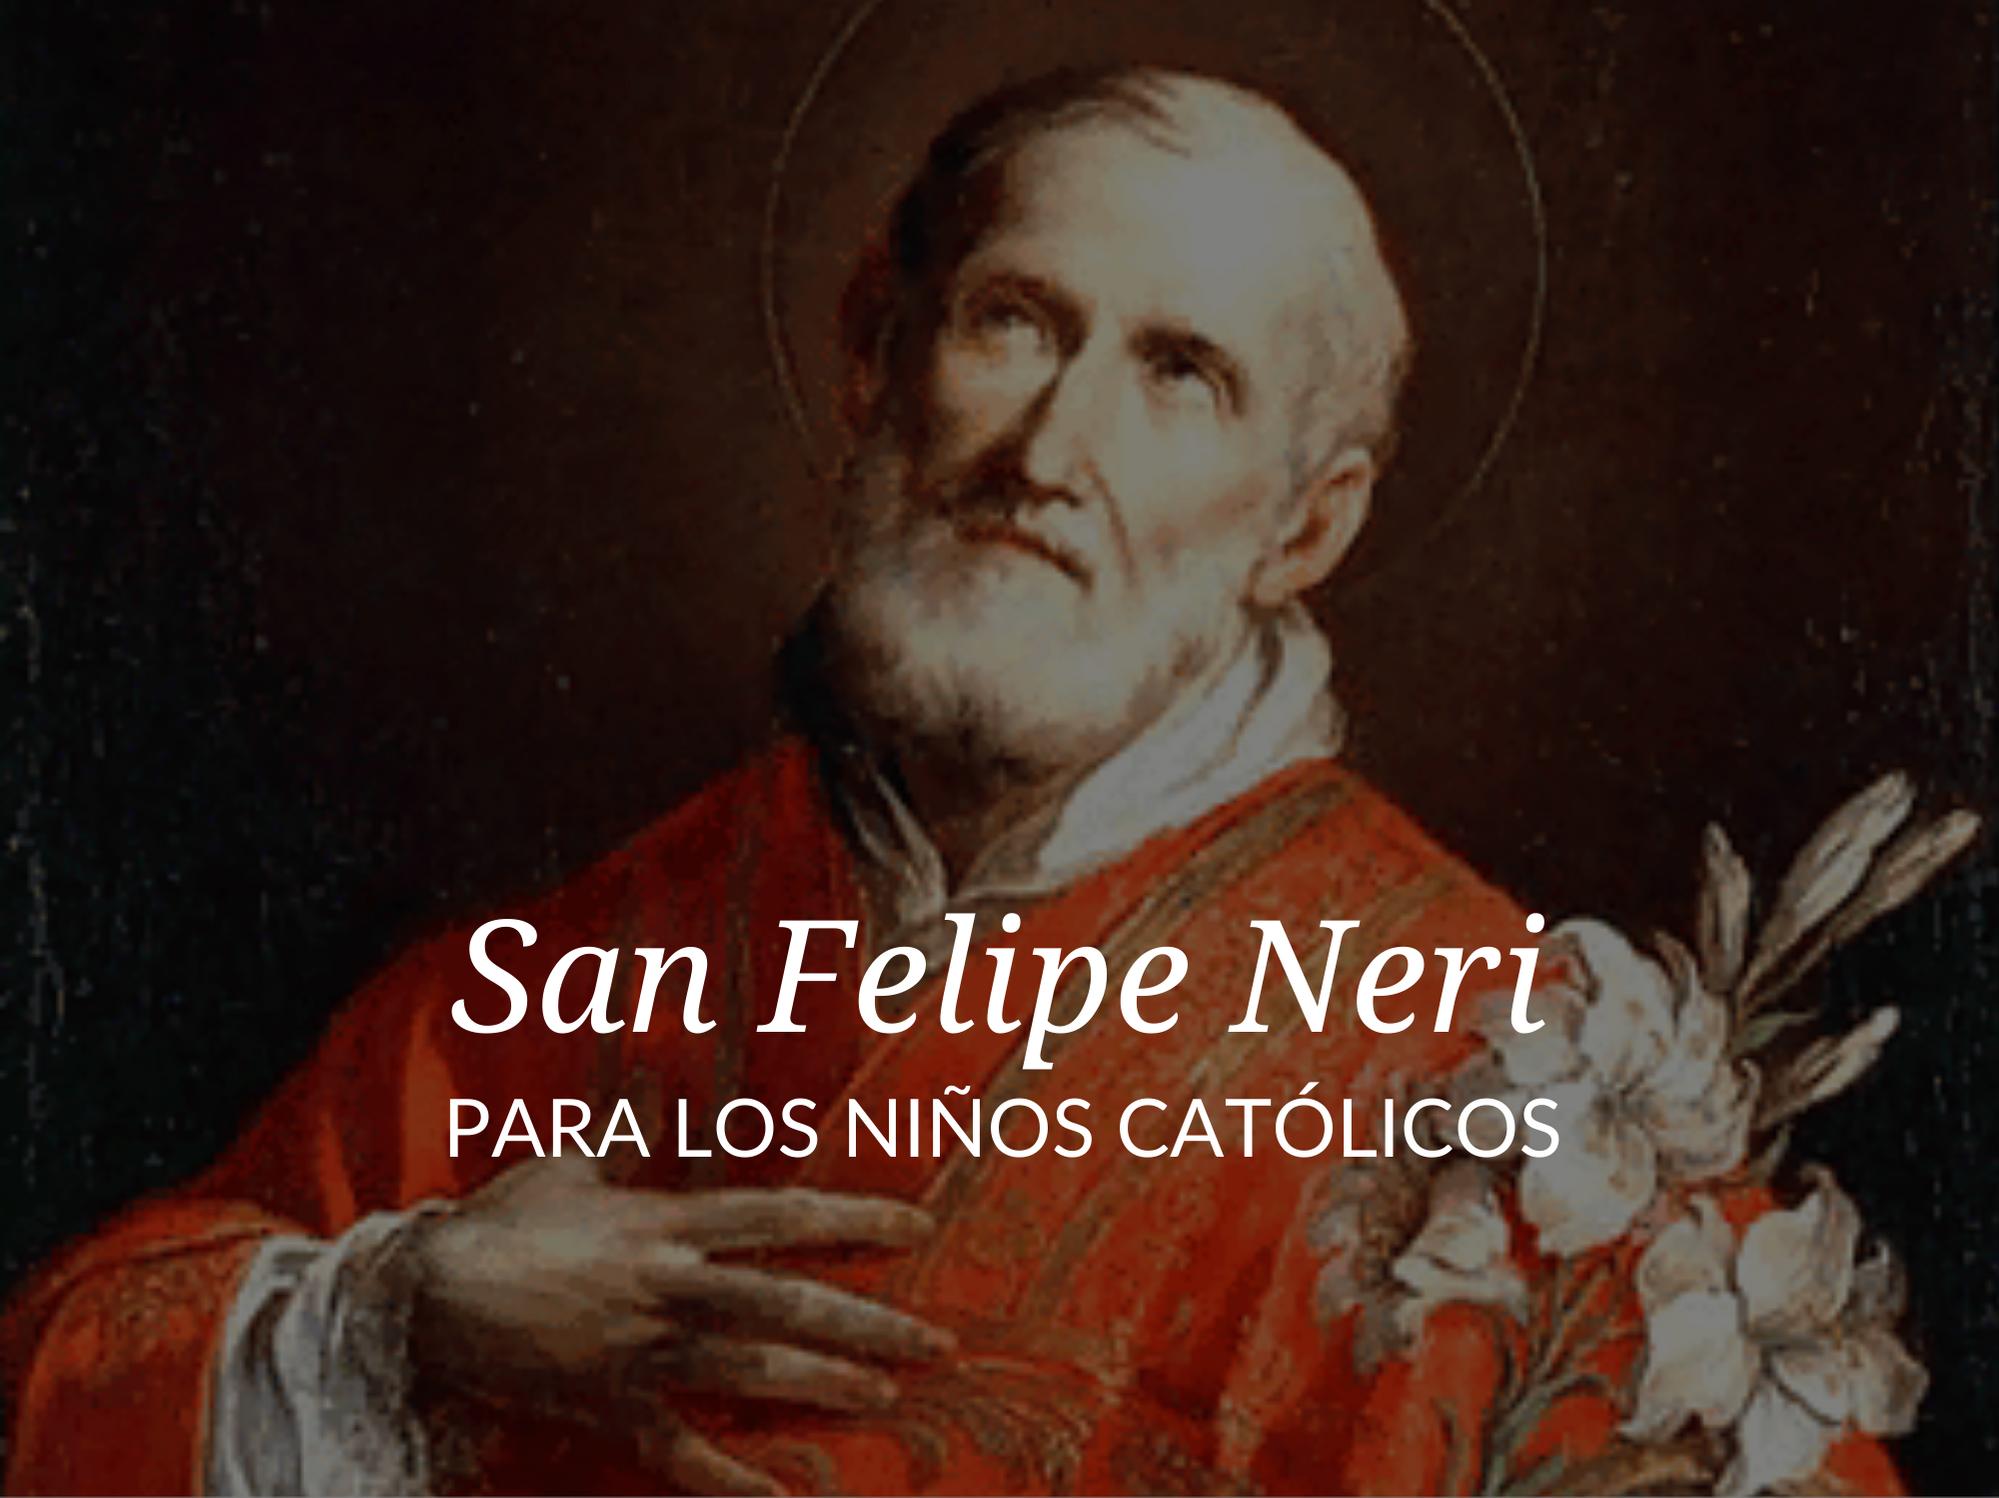 ¡En este artículo, descubrirá una breve biografía y una actividad imprimible gratuita que puede usar para aprender sobre un santo popular para niños, Felipe Neri!